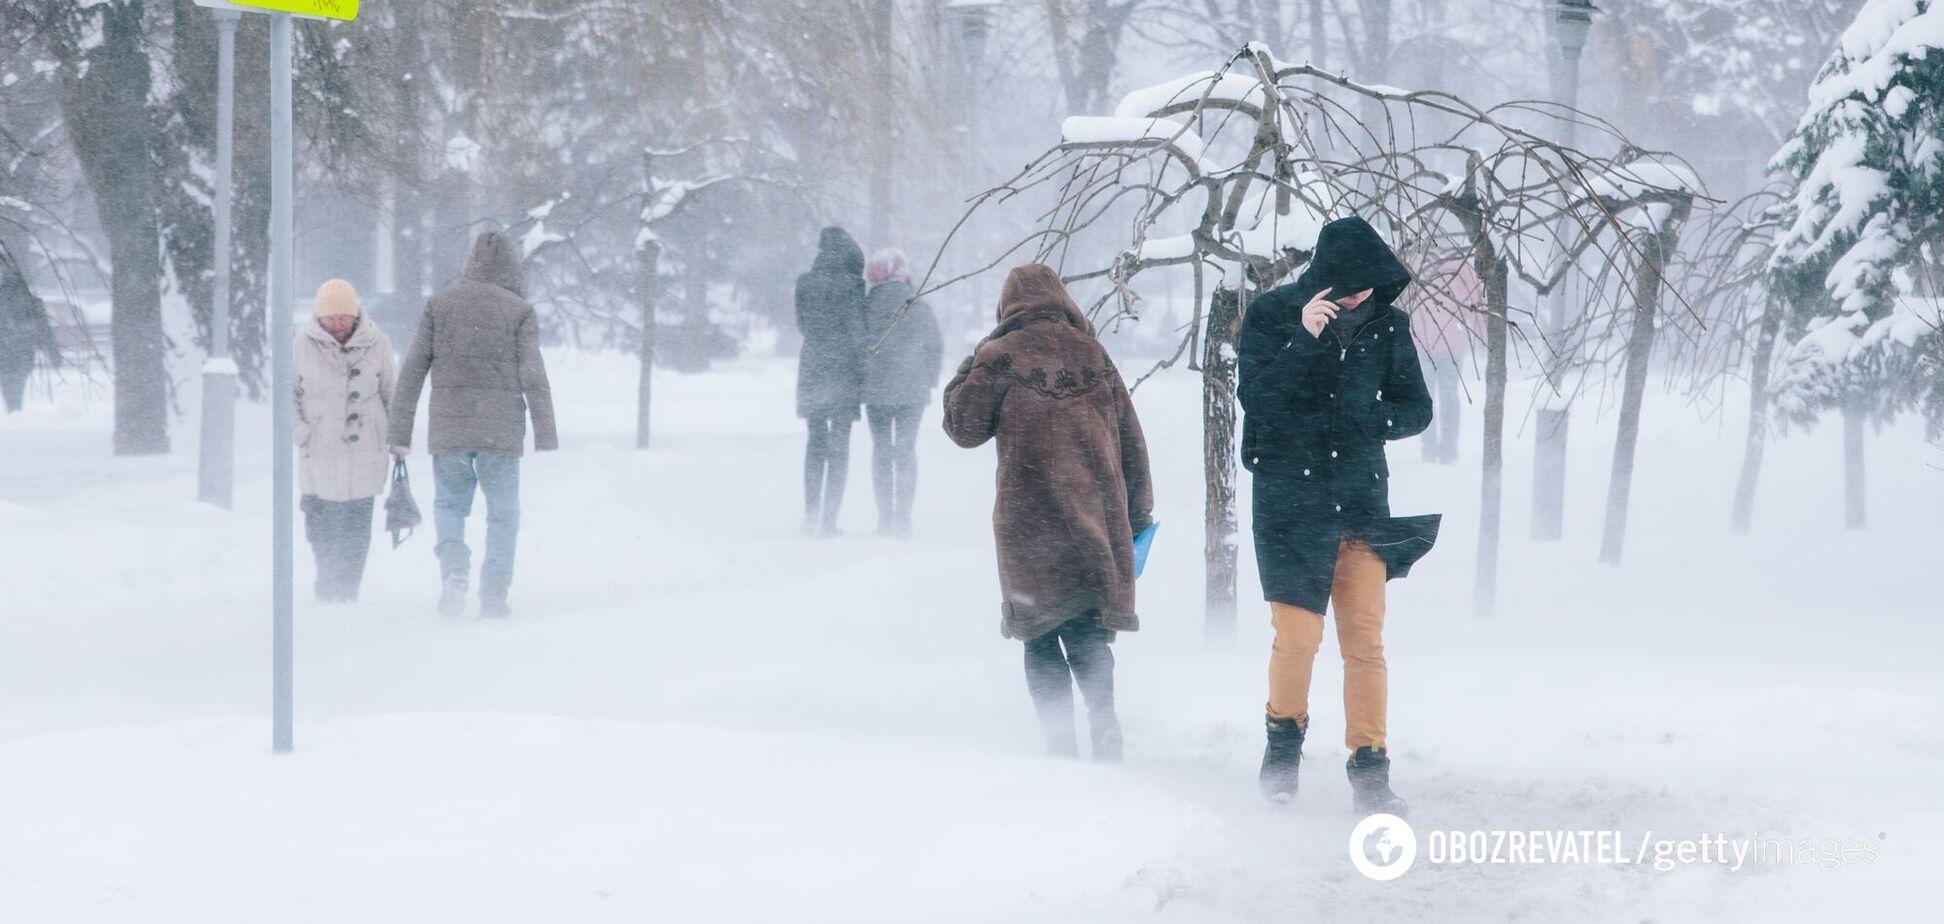 В Украине зафиксировали самые сильные морозы за 30 лет: наглядная карта